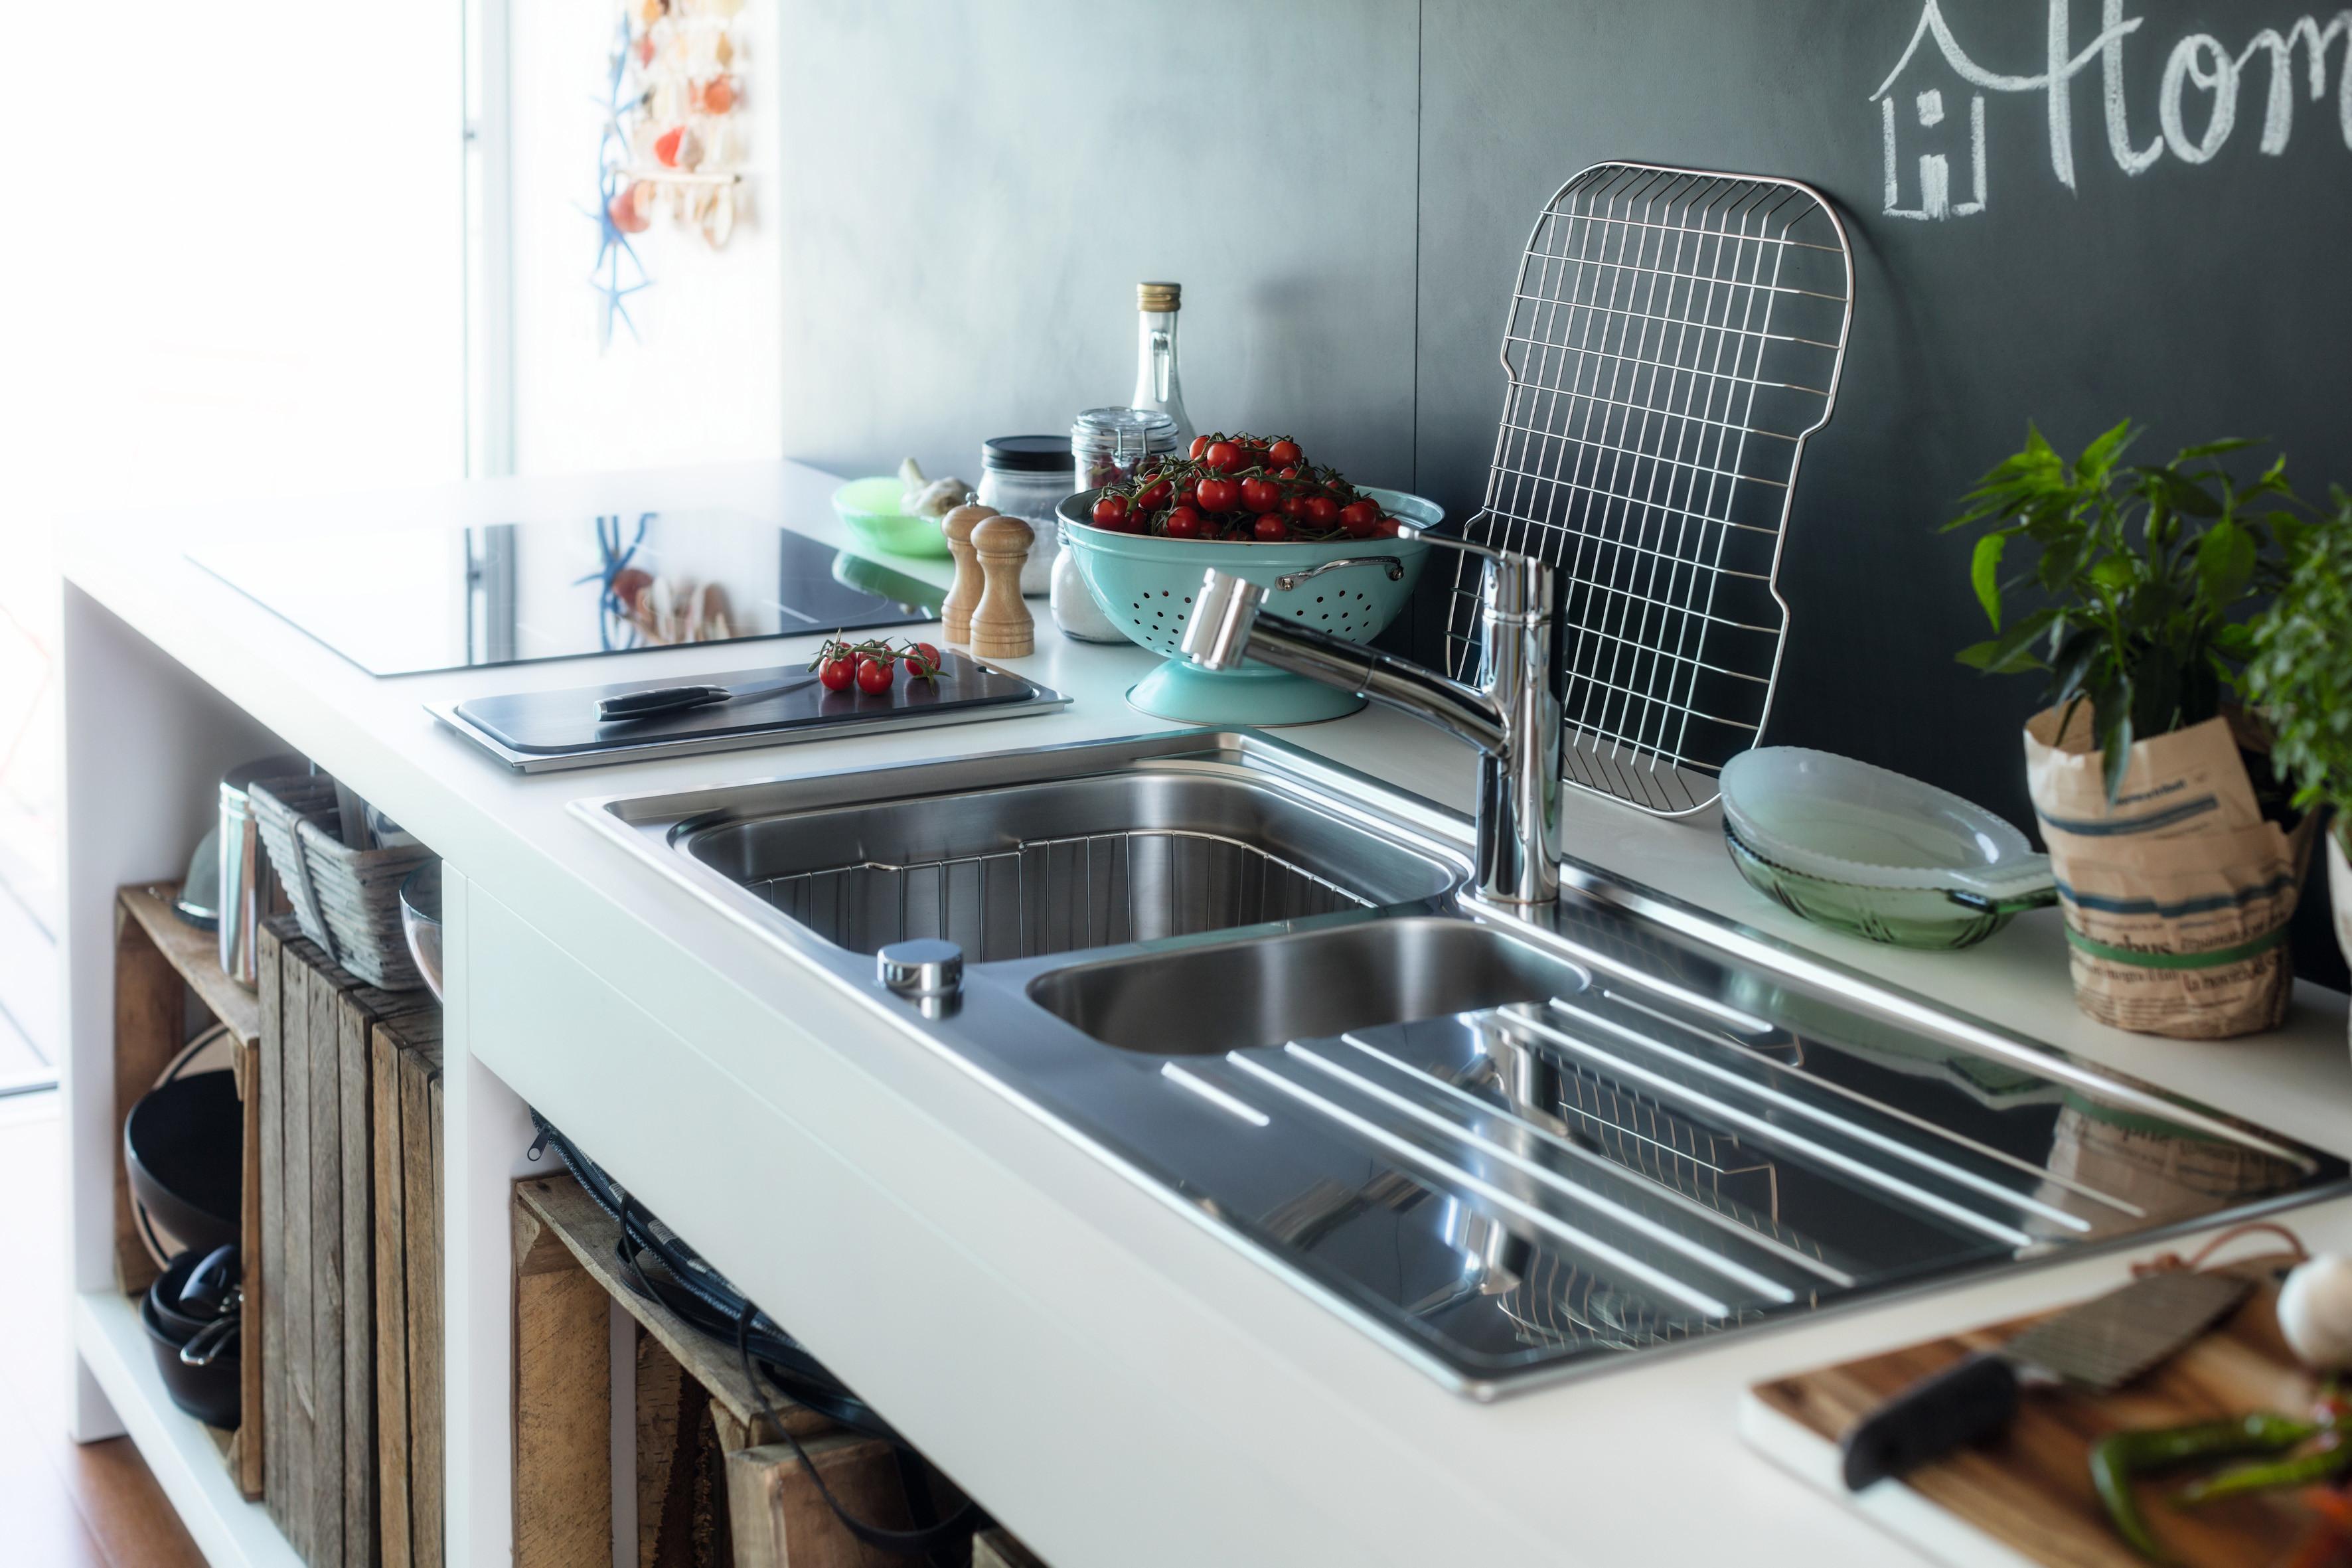 franke f hrt systemgedanken fort umaxo. Black Bedroom Furniture Sets. Home Design Ideas